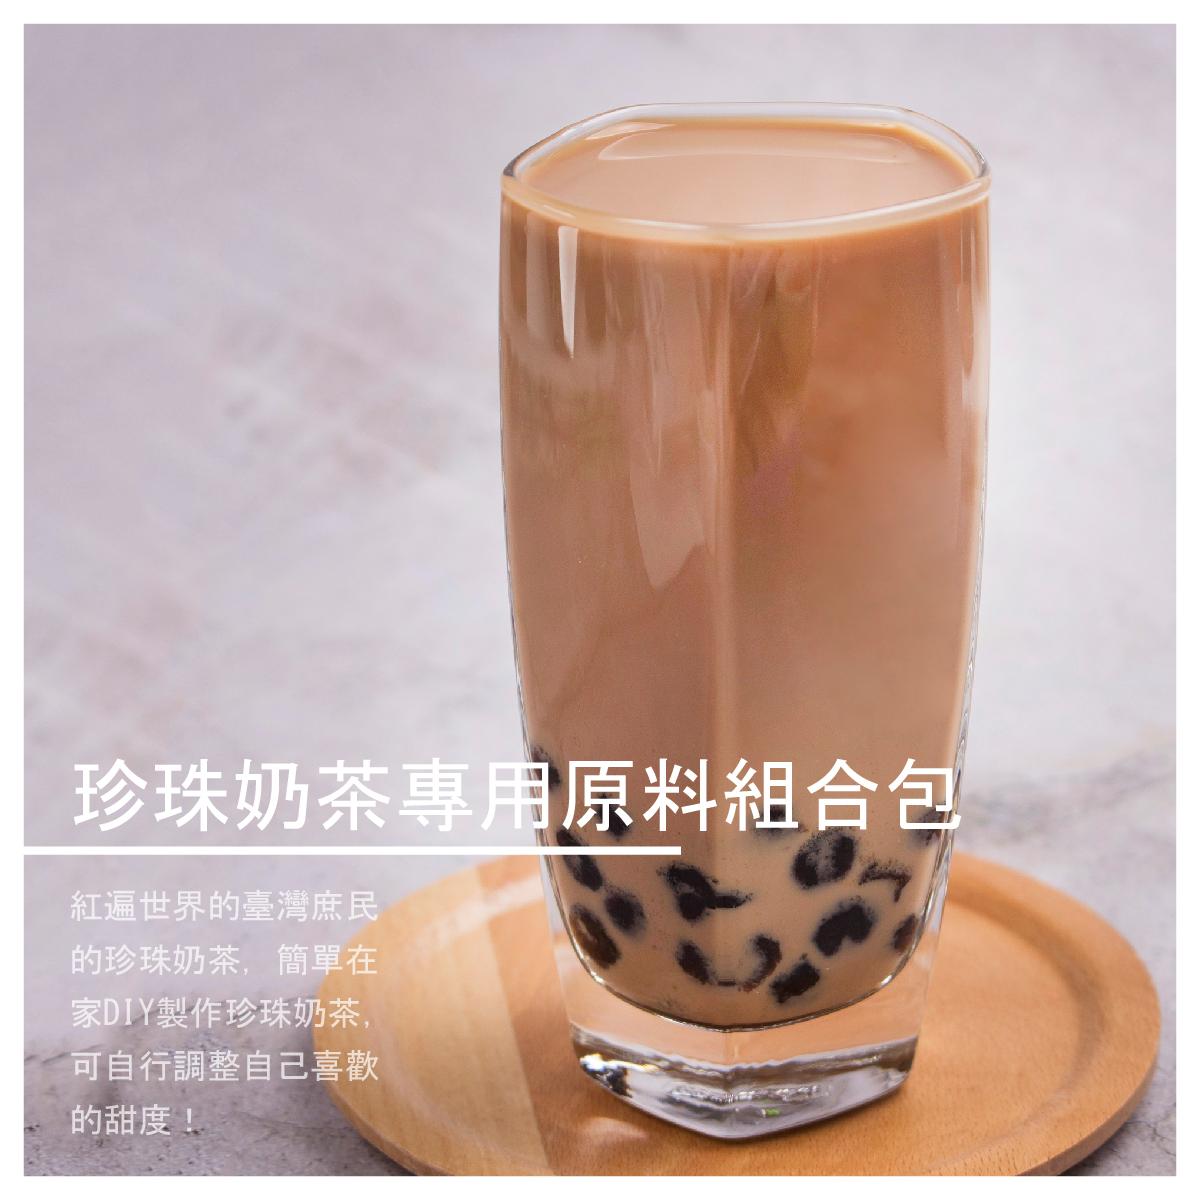 【九洲國際食品】珍珠奶茶專用原料組合包 /組